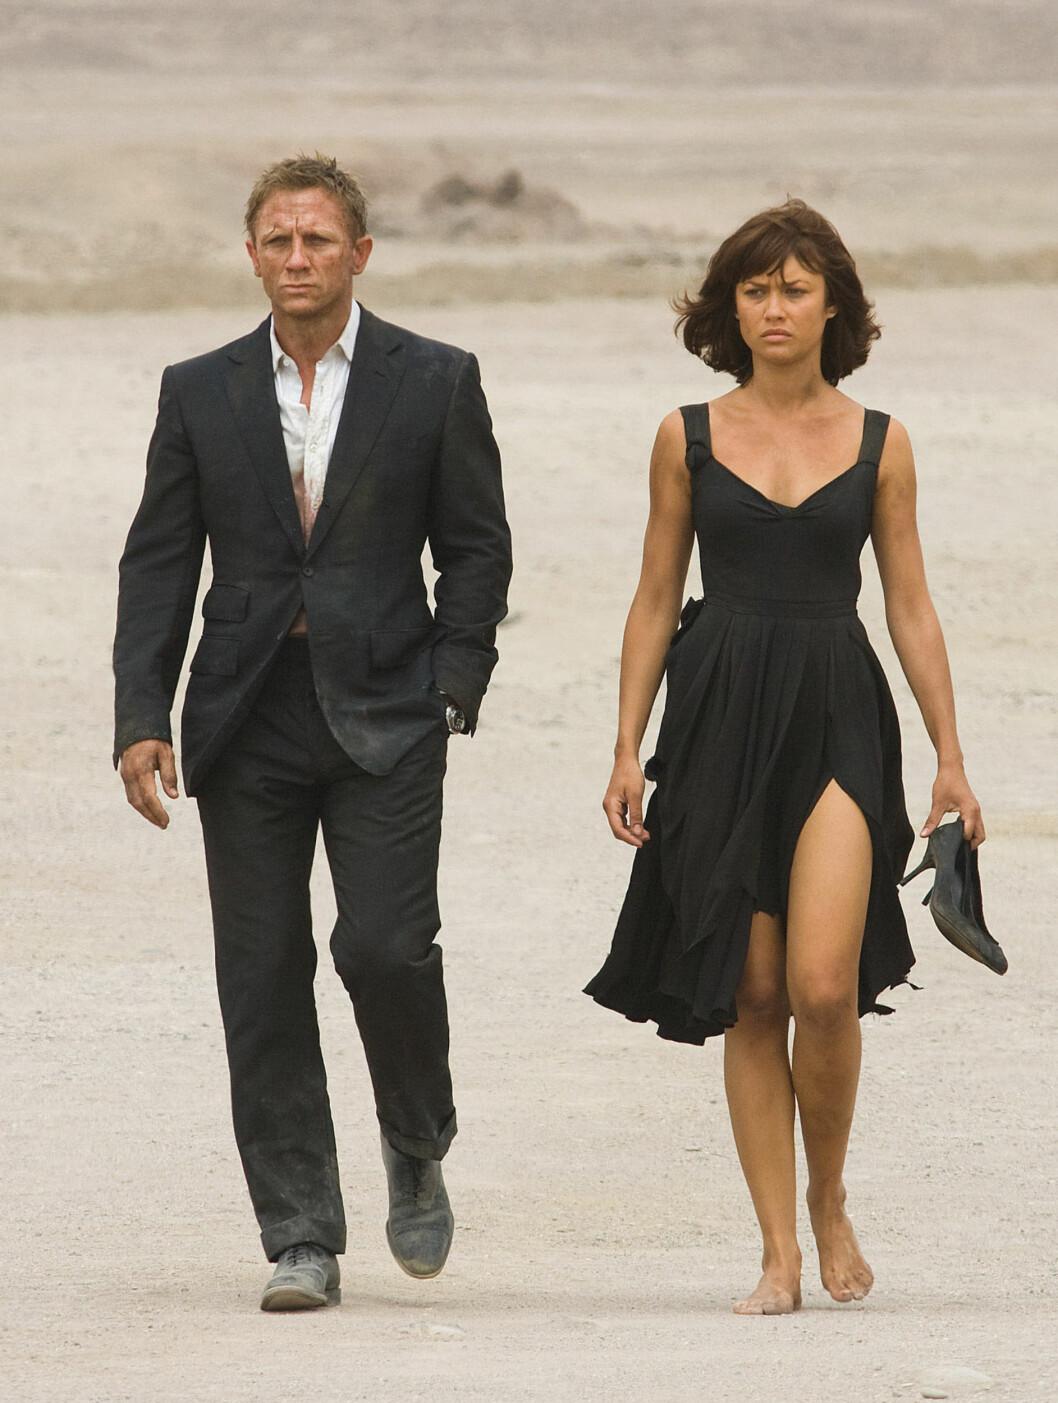 BOND-FILM: TV-stuntet skjedde på premieren til filmen Quantum of Solace, der Daniel Craig og Olga Kurylenko spilte hovedrollene. Sistnevnte var til stede på den røde løperen da Svendsen skapte oppstyr. Foto: Filmweb